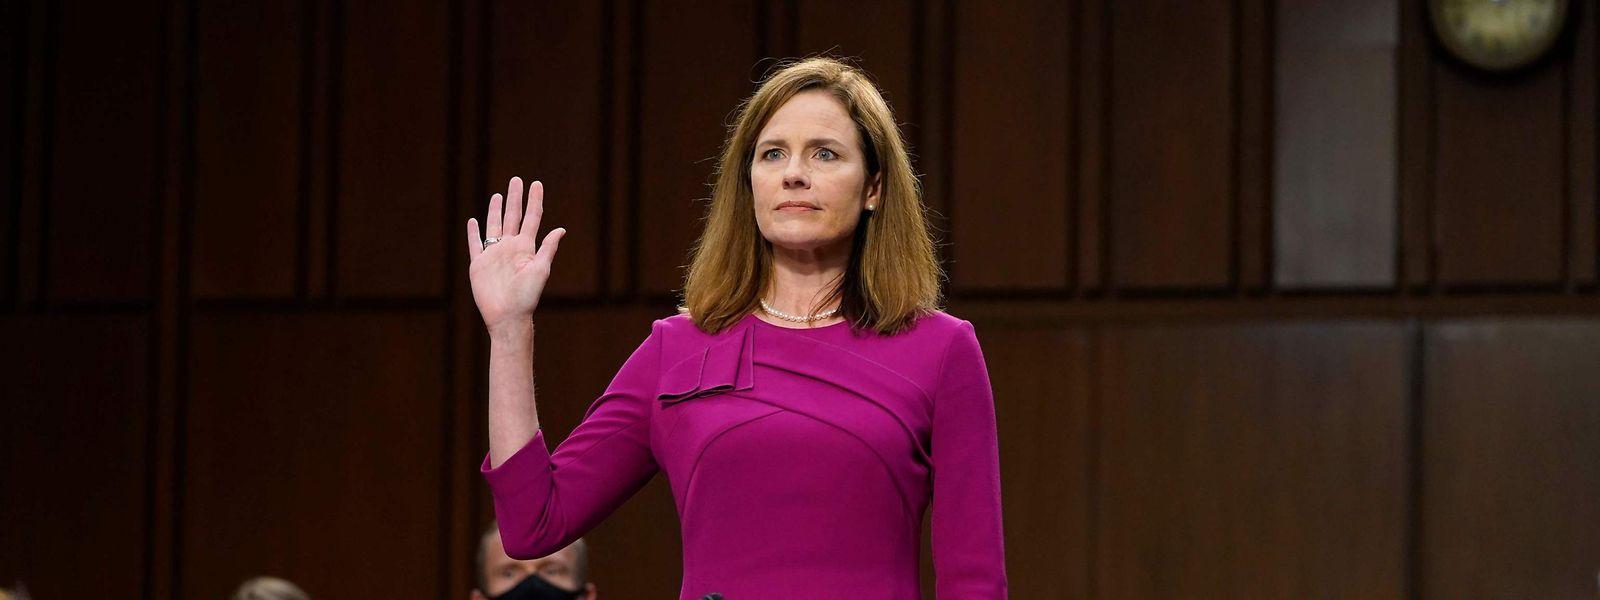 Die Richterin Amy Coney Barrett, Präsident Trumps Kandidatin für den freien Posten am Obersten Gericht.